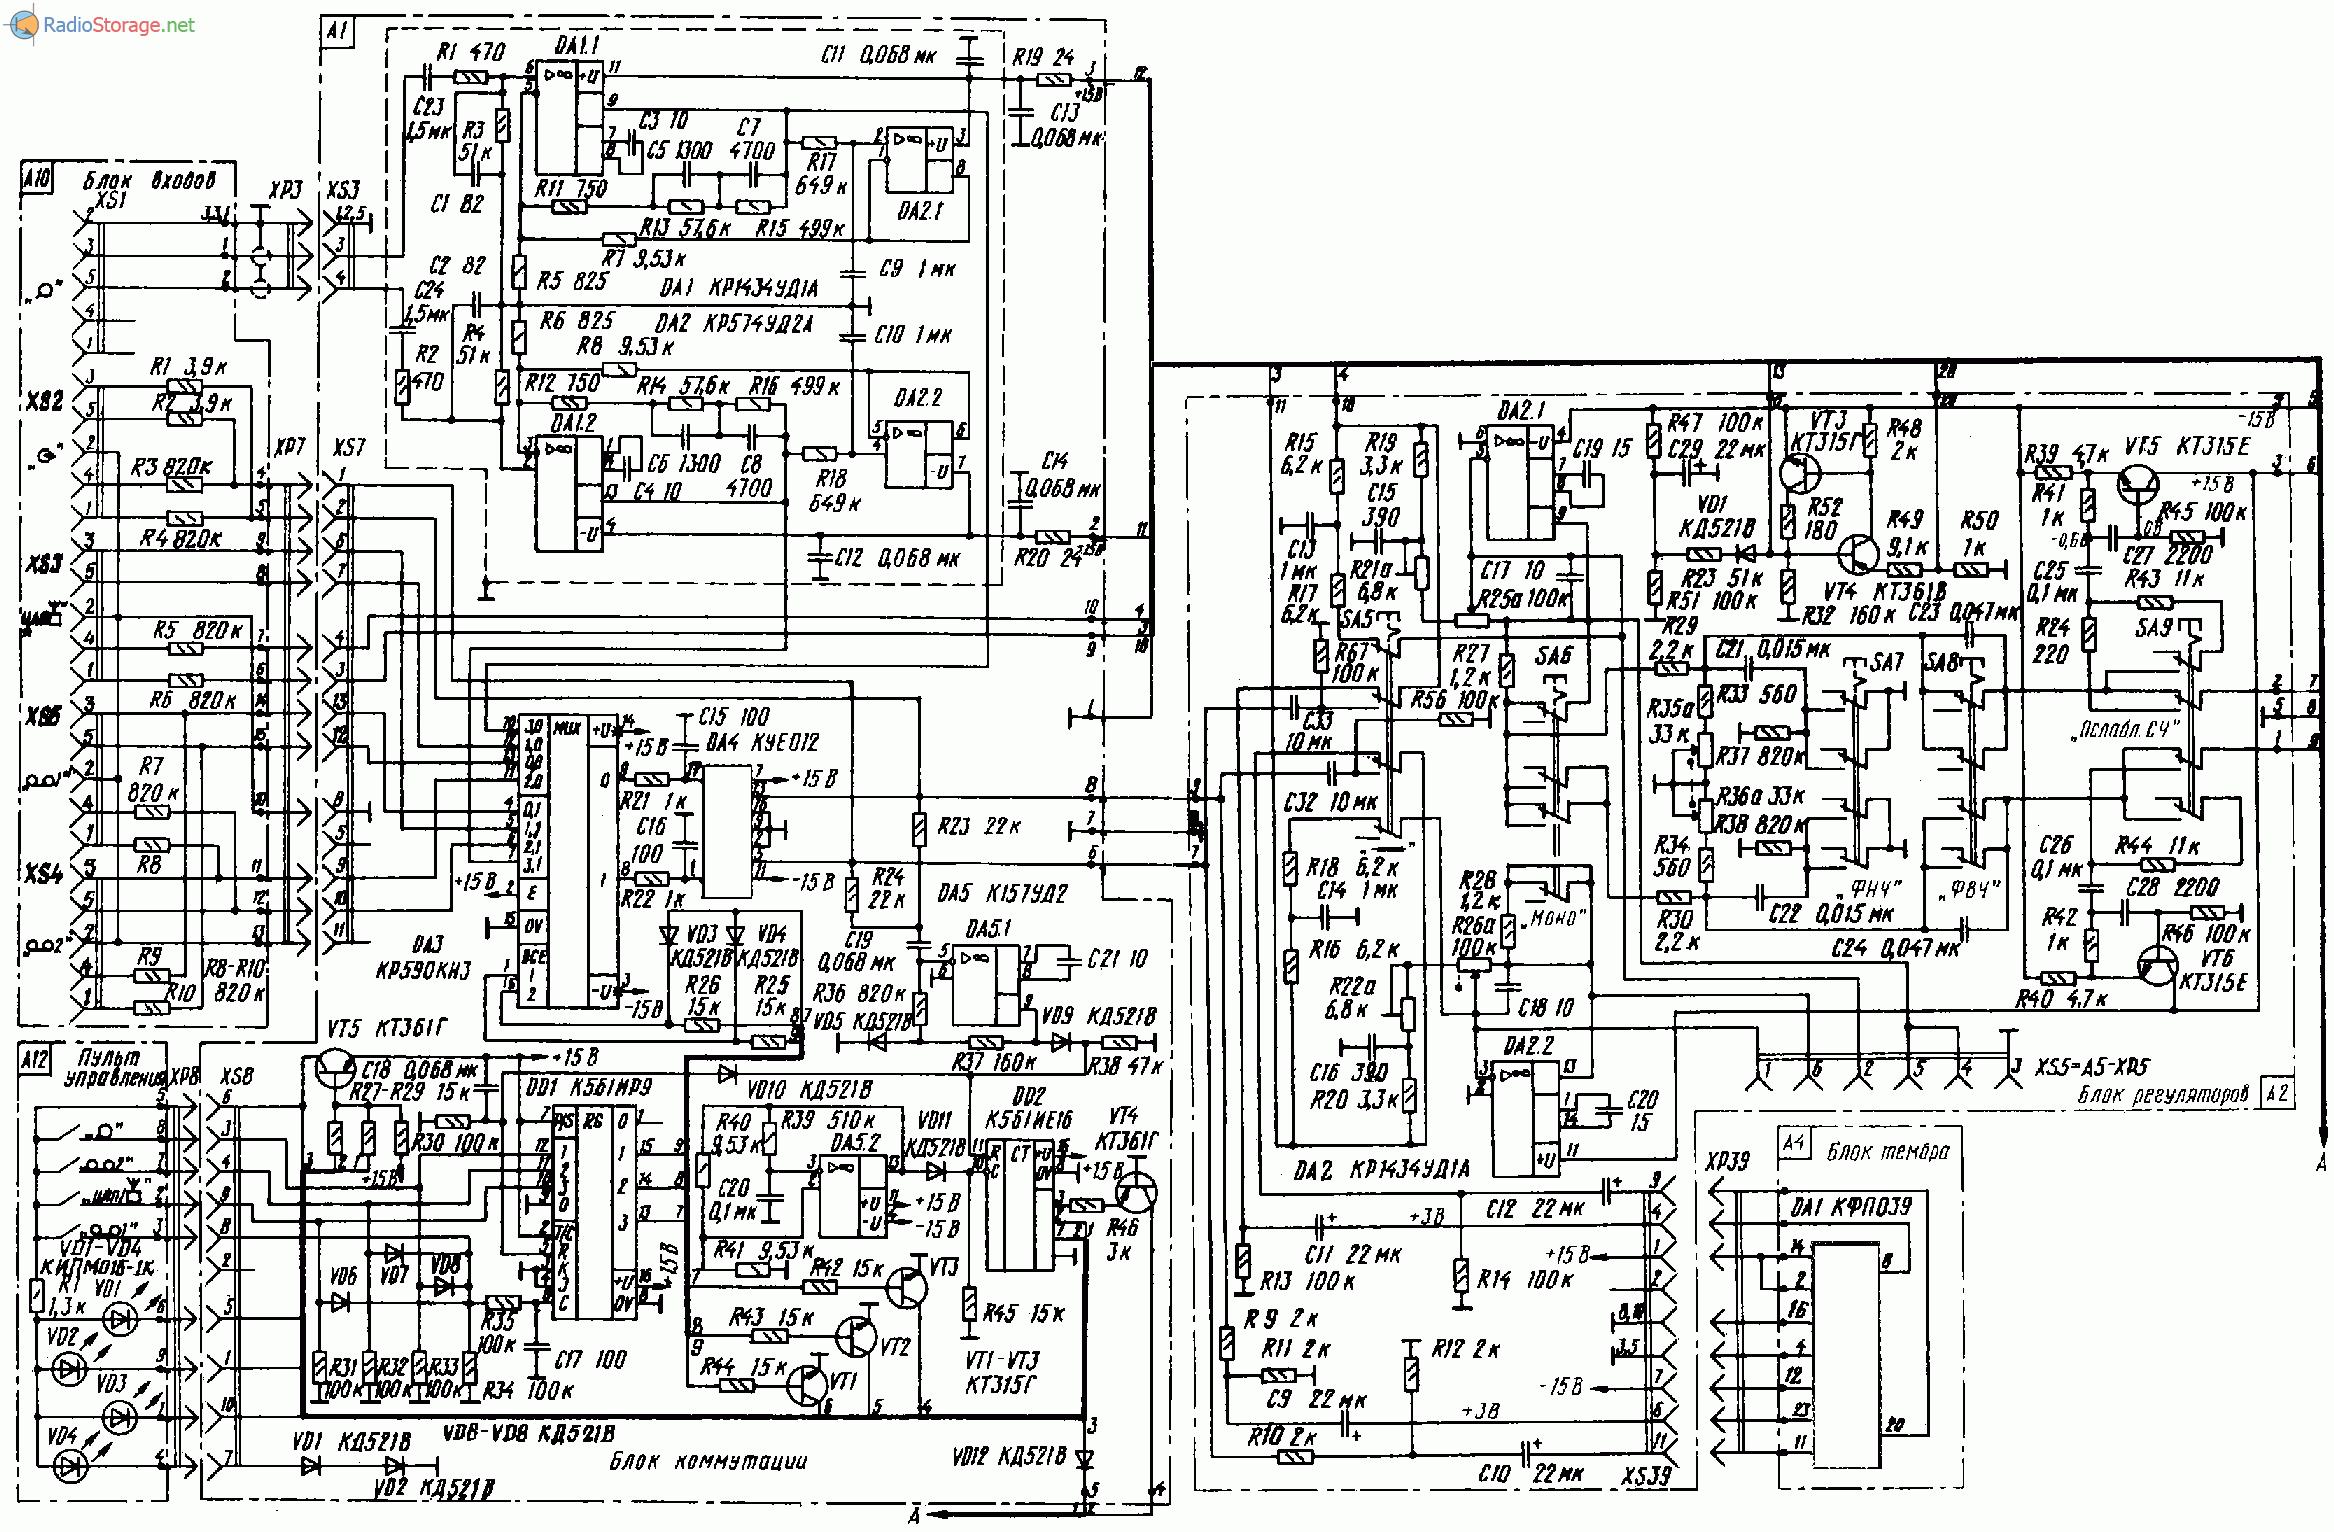 усилитель томь 1201 схема электрическая принципиальная